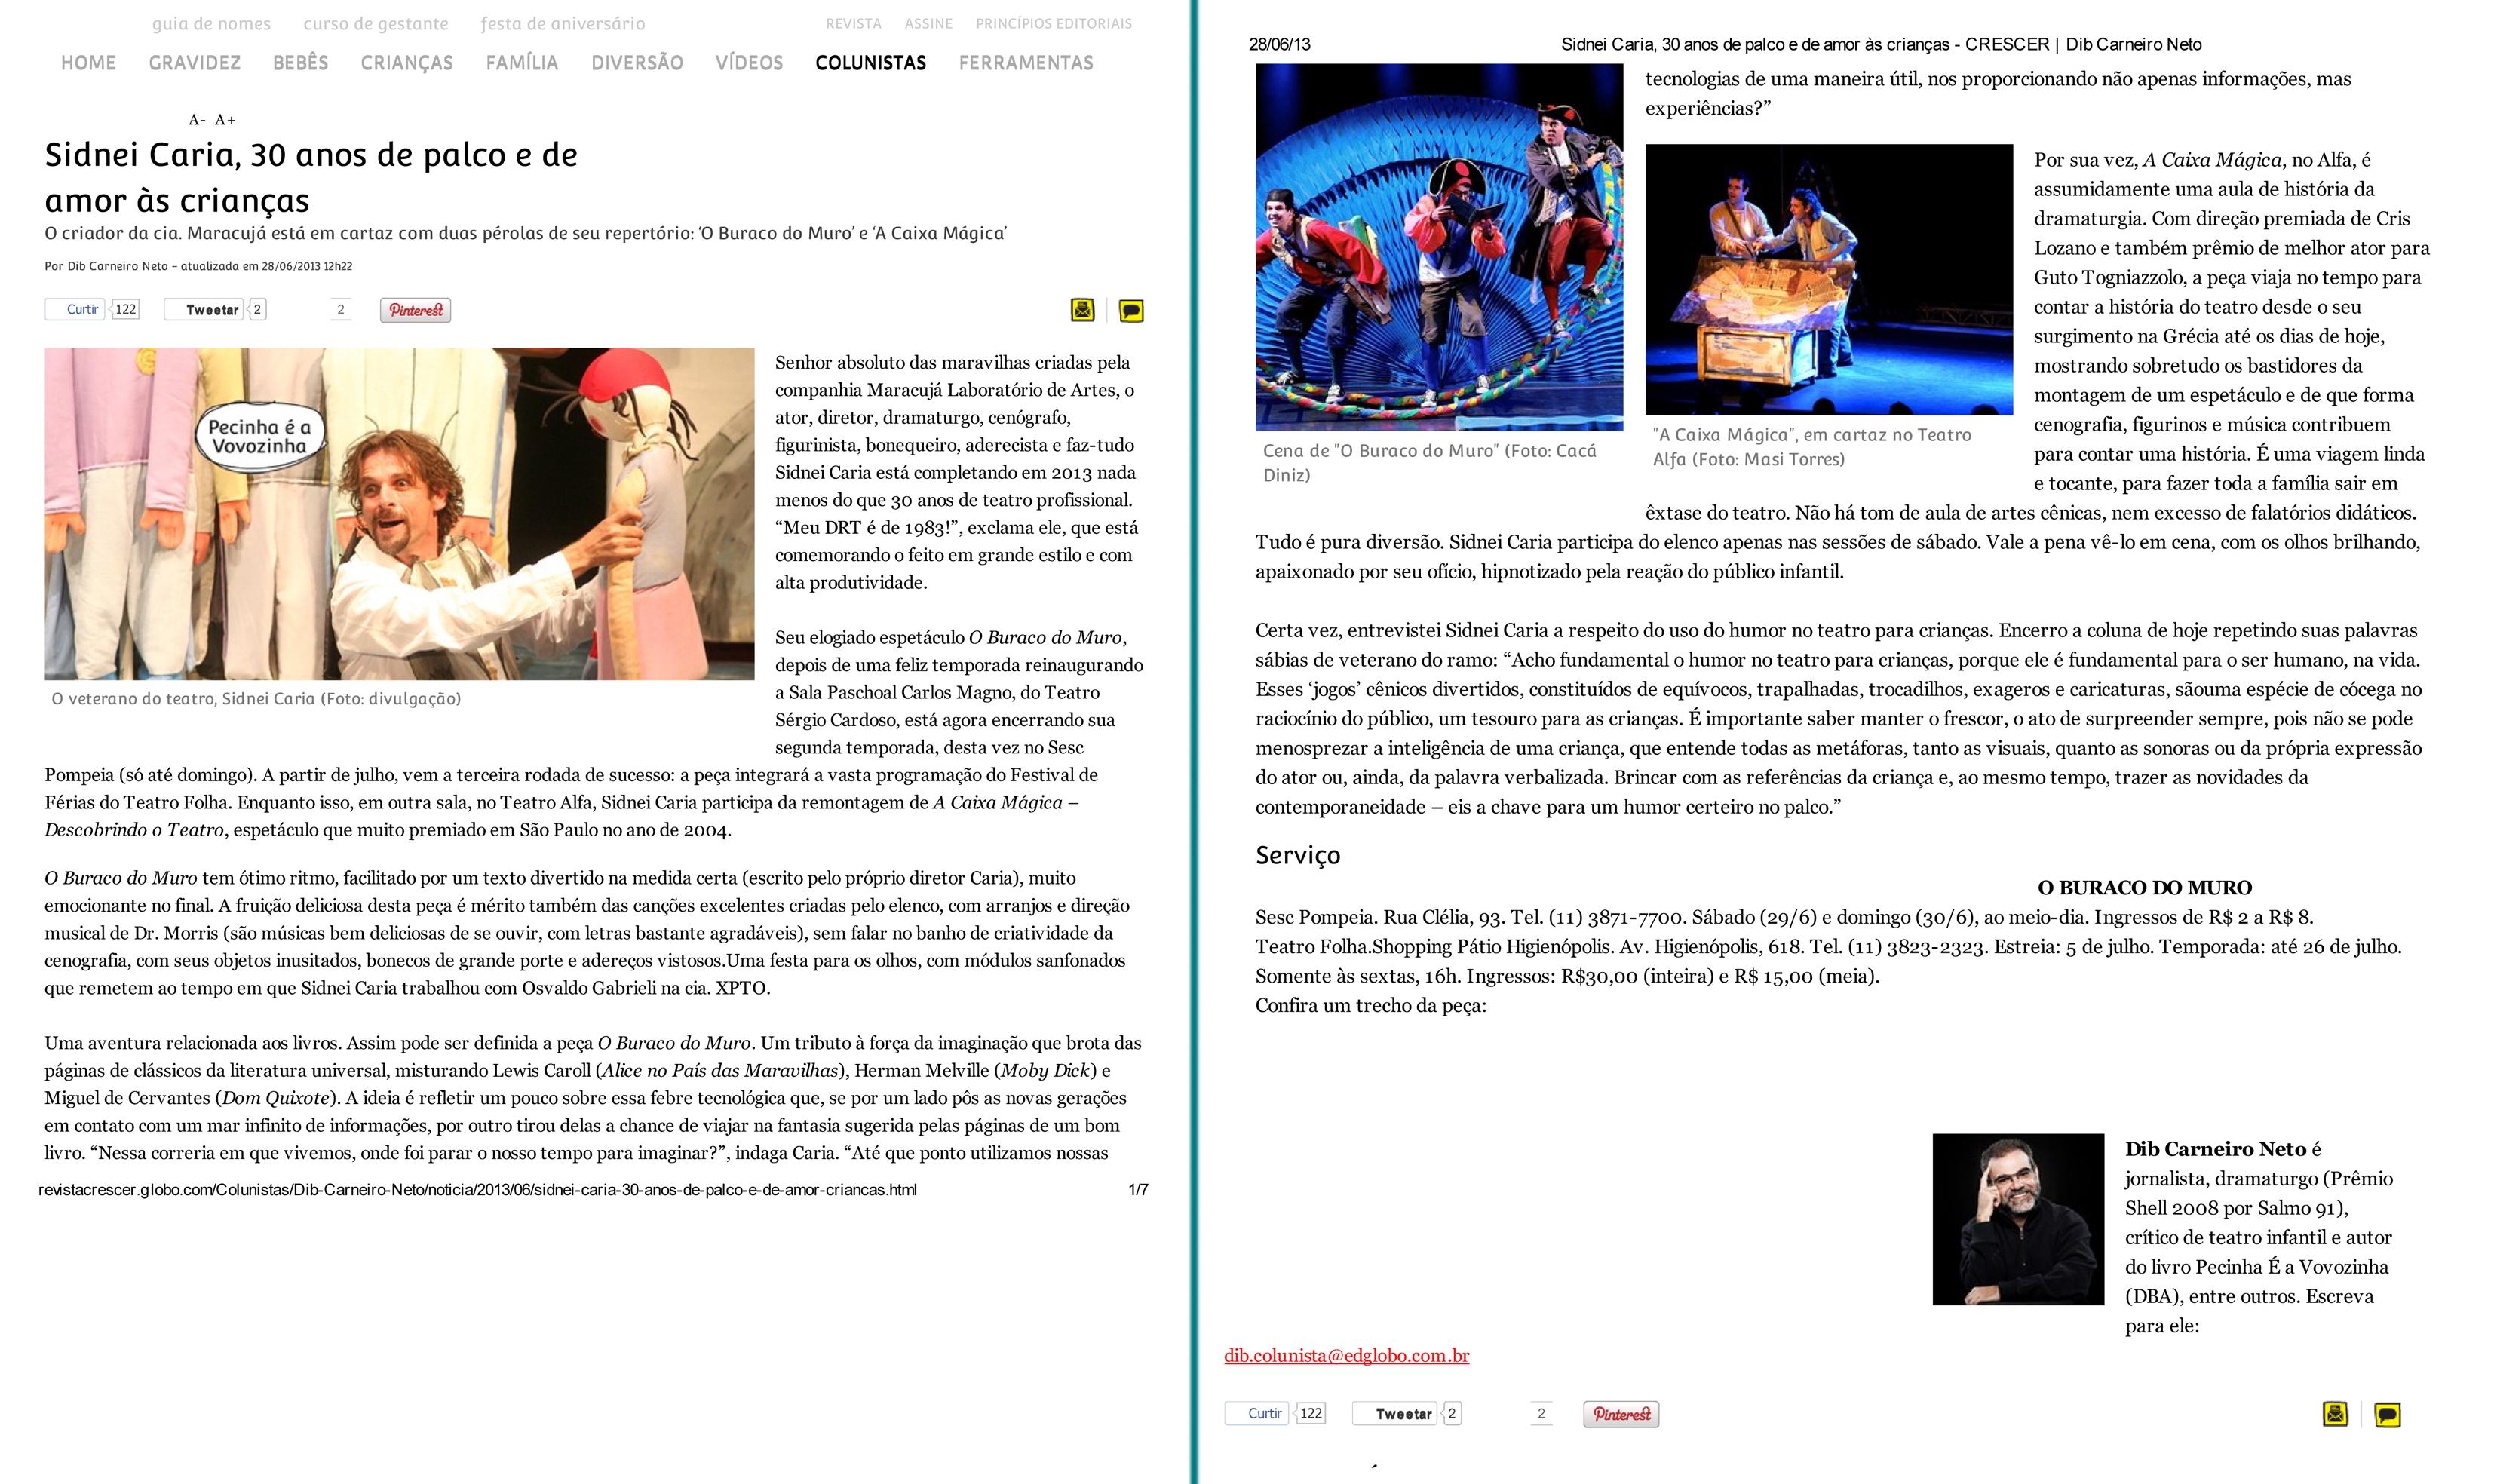 Revista Crescer, 28-06-2013